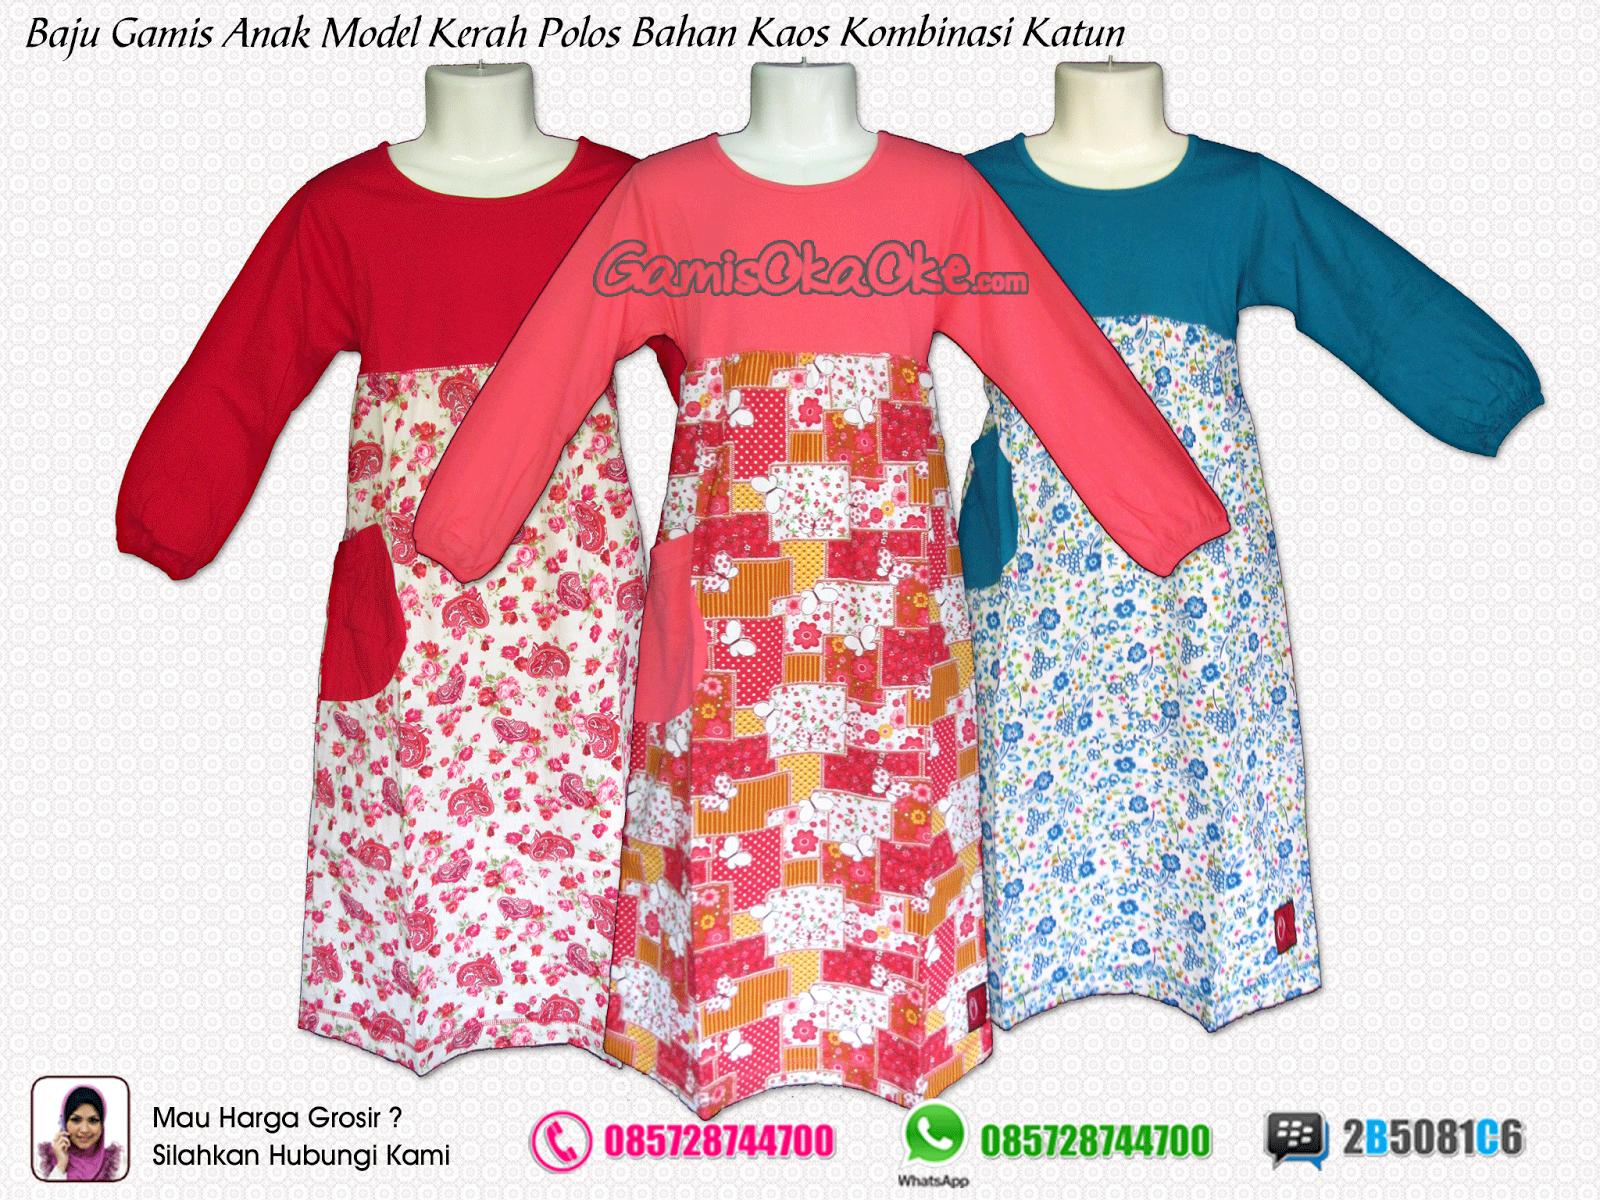 Baju busana muslim anak perempuan terbaru baju gamis Baju gamis anak kaos